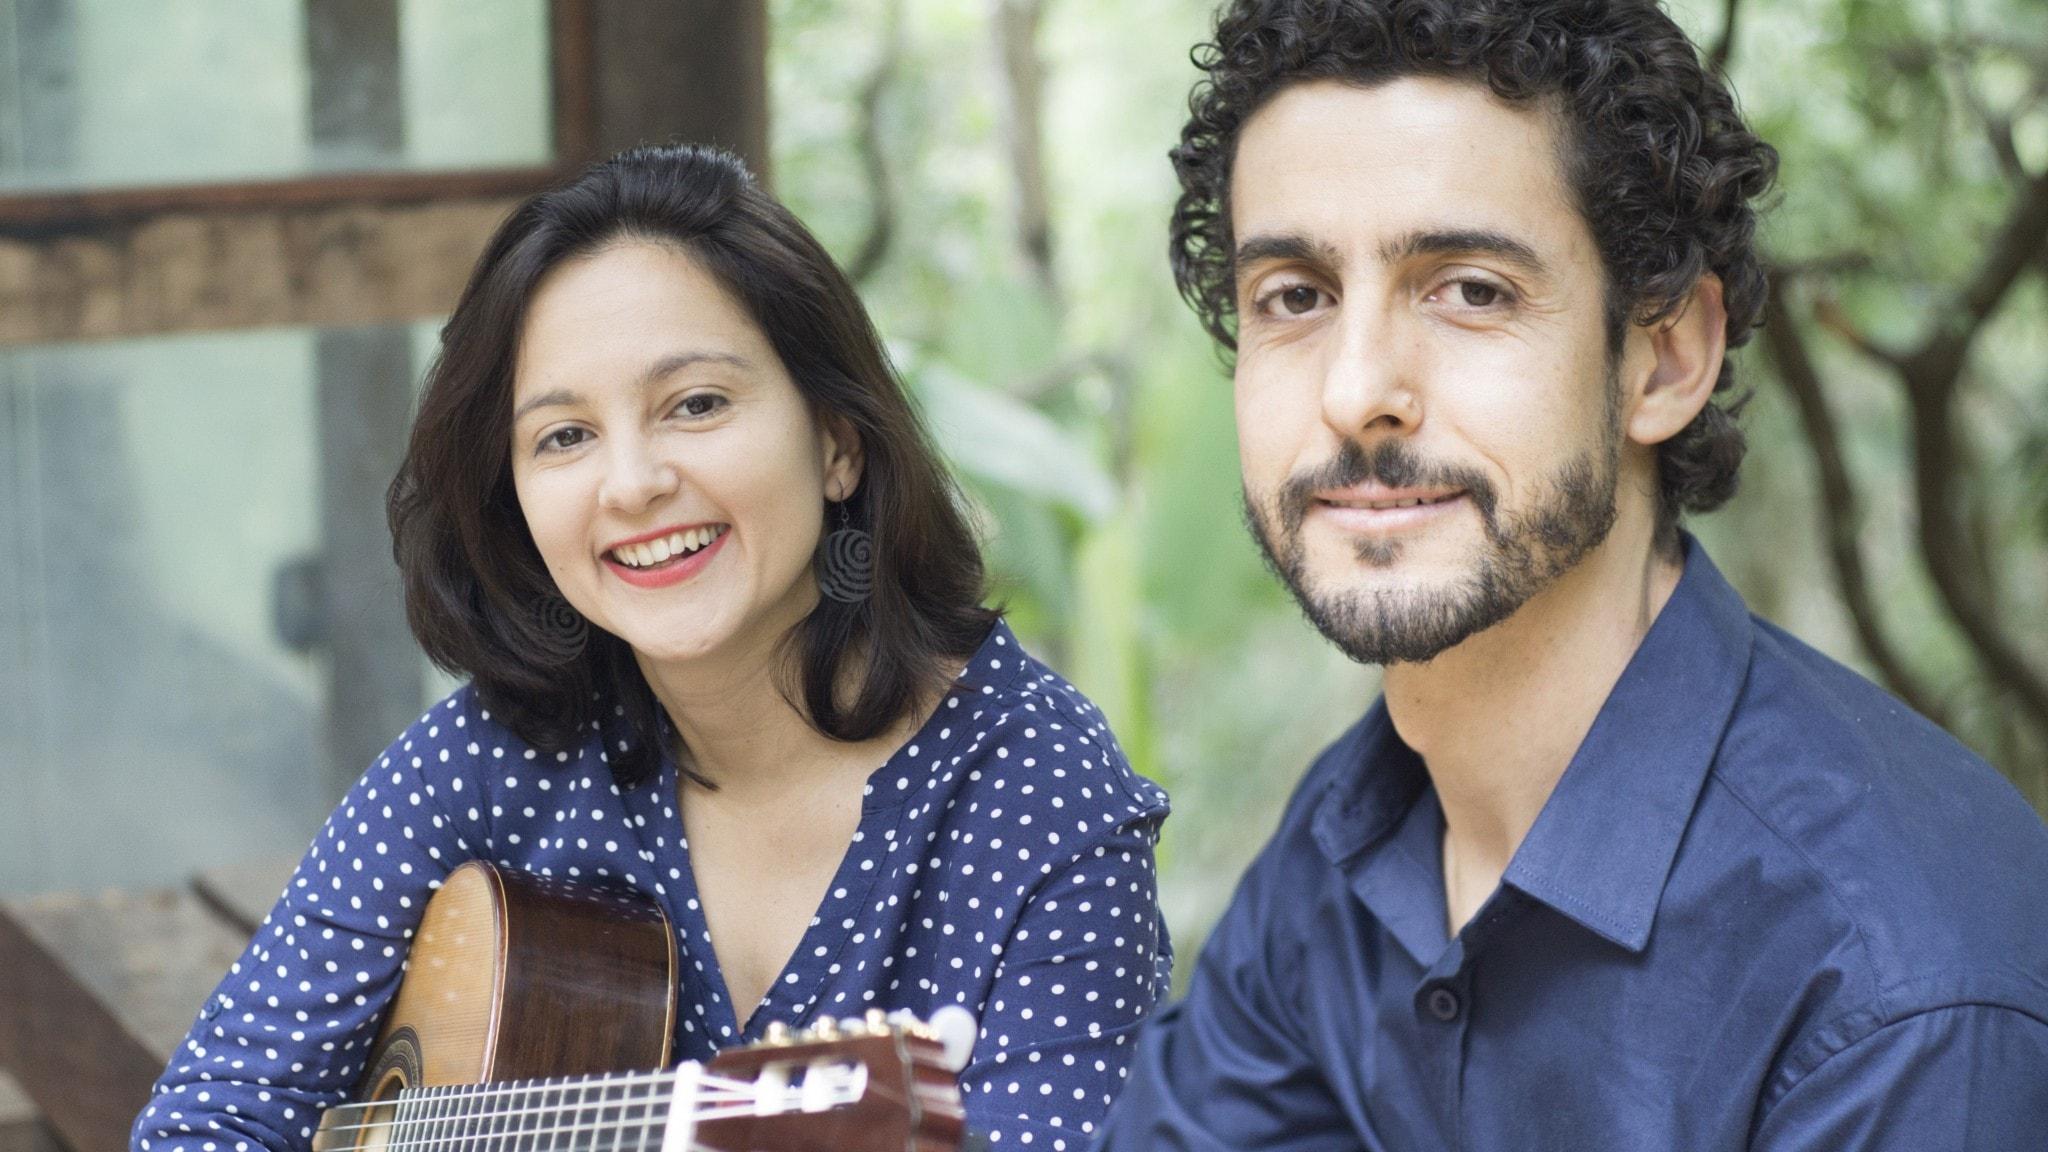 Uppsala internationella gitarrfestival: Duo Siqueira Lima och Riccardo Gallén